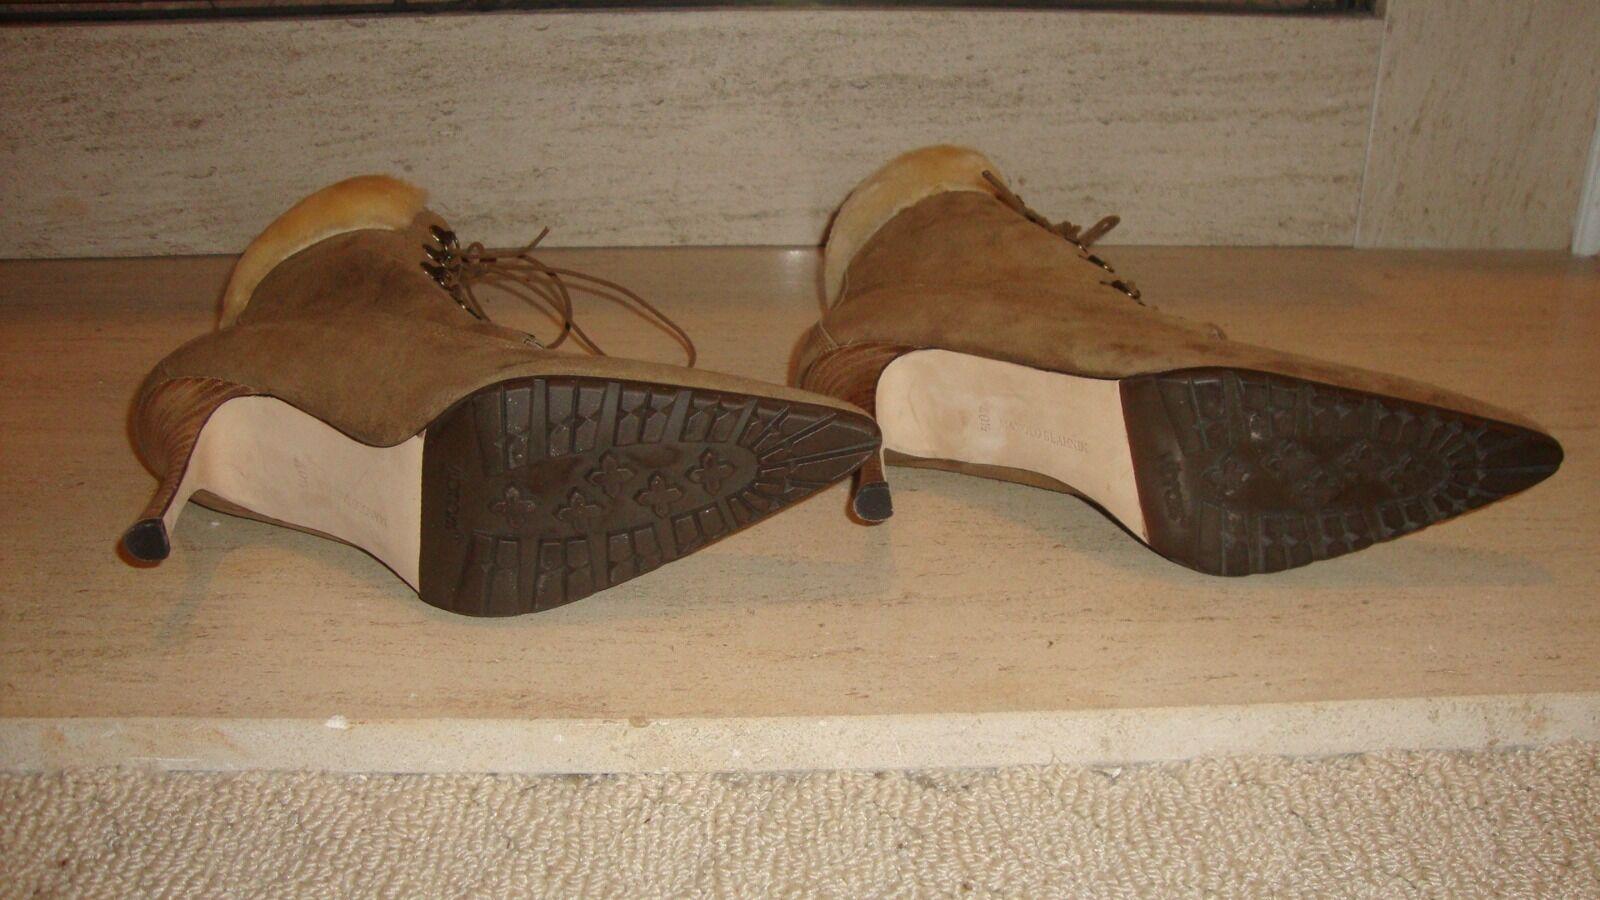 Impresionante nuevo vendido Manolo BLAHNIK Shearling de gamuza Shearling BLAHNIK botas al tobillo 0ed4c1